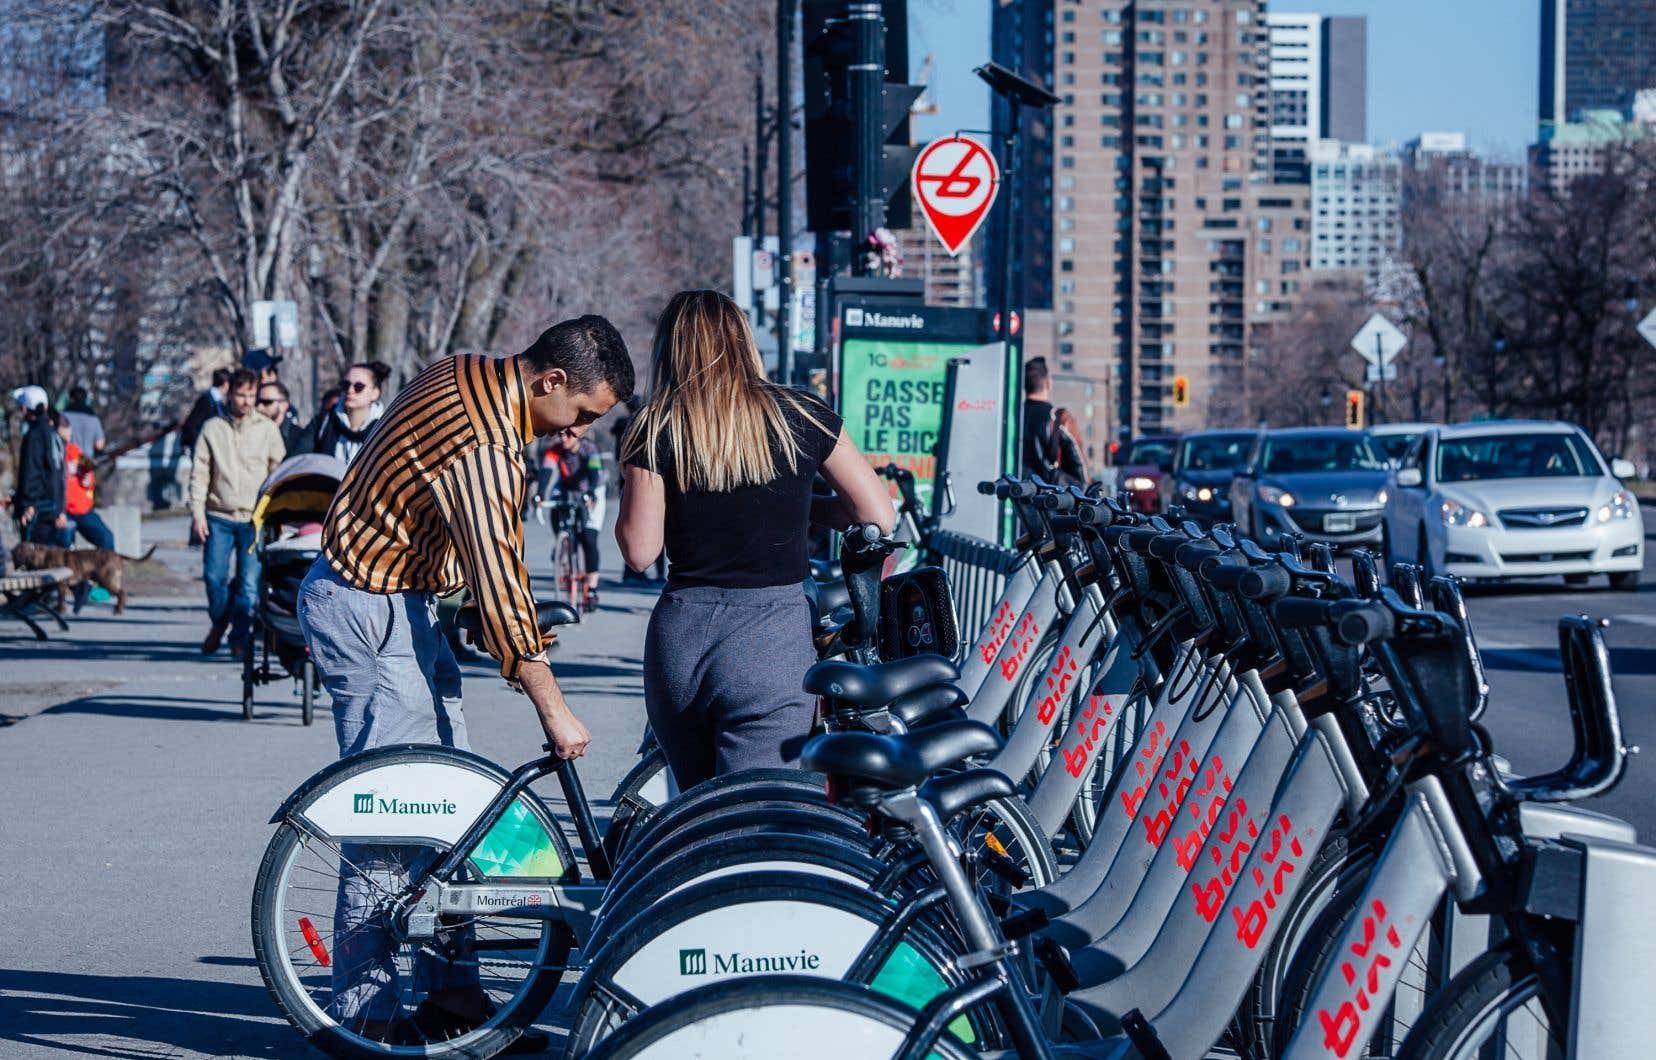 L'UQAM a conclu des ententes promotionnelles avec le système  de vélopartage Bixi pour valoriser  le transport actif de ses étudiants  et employés.